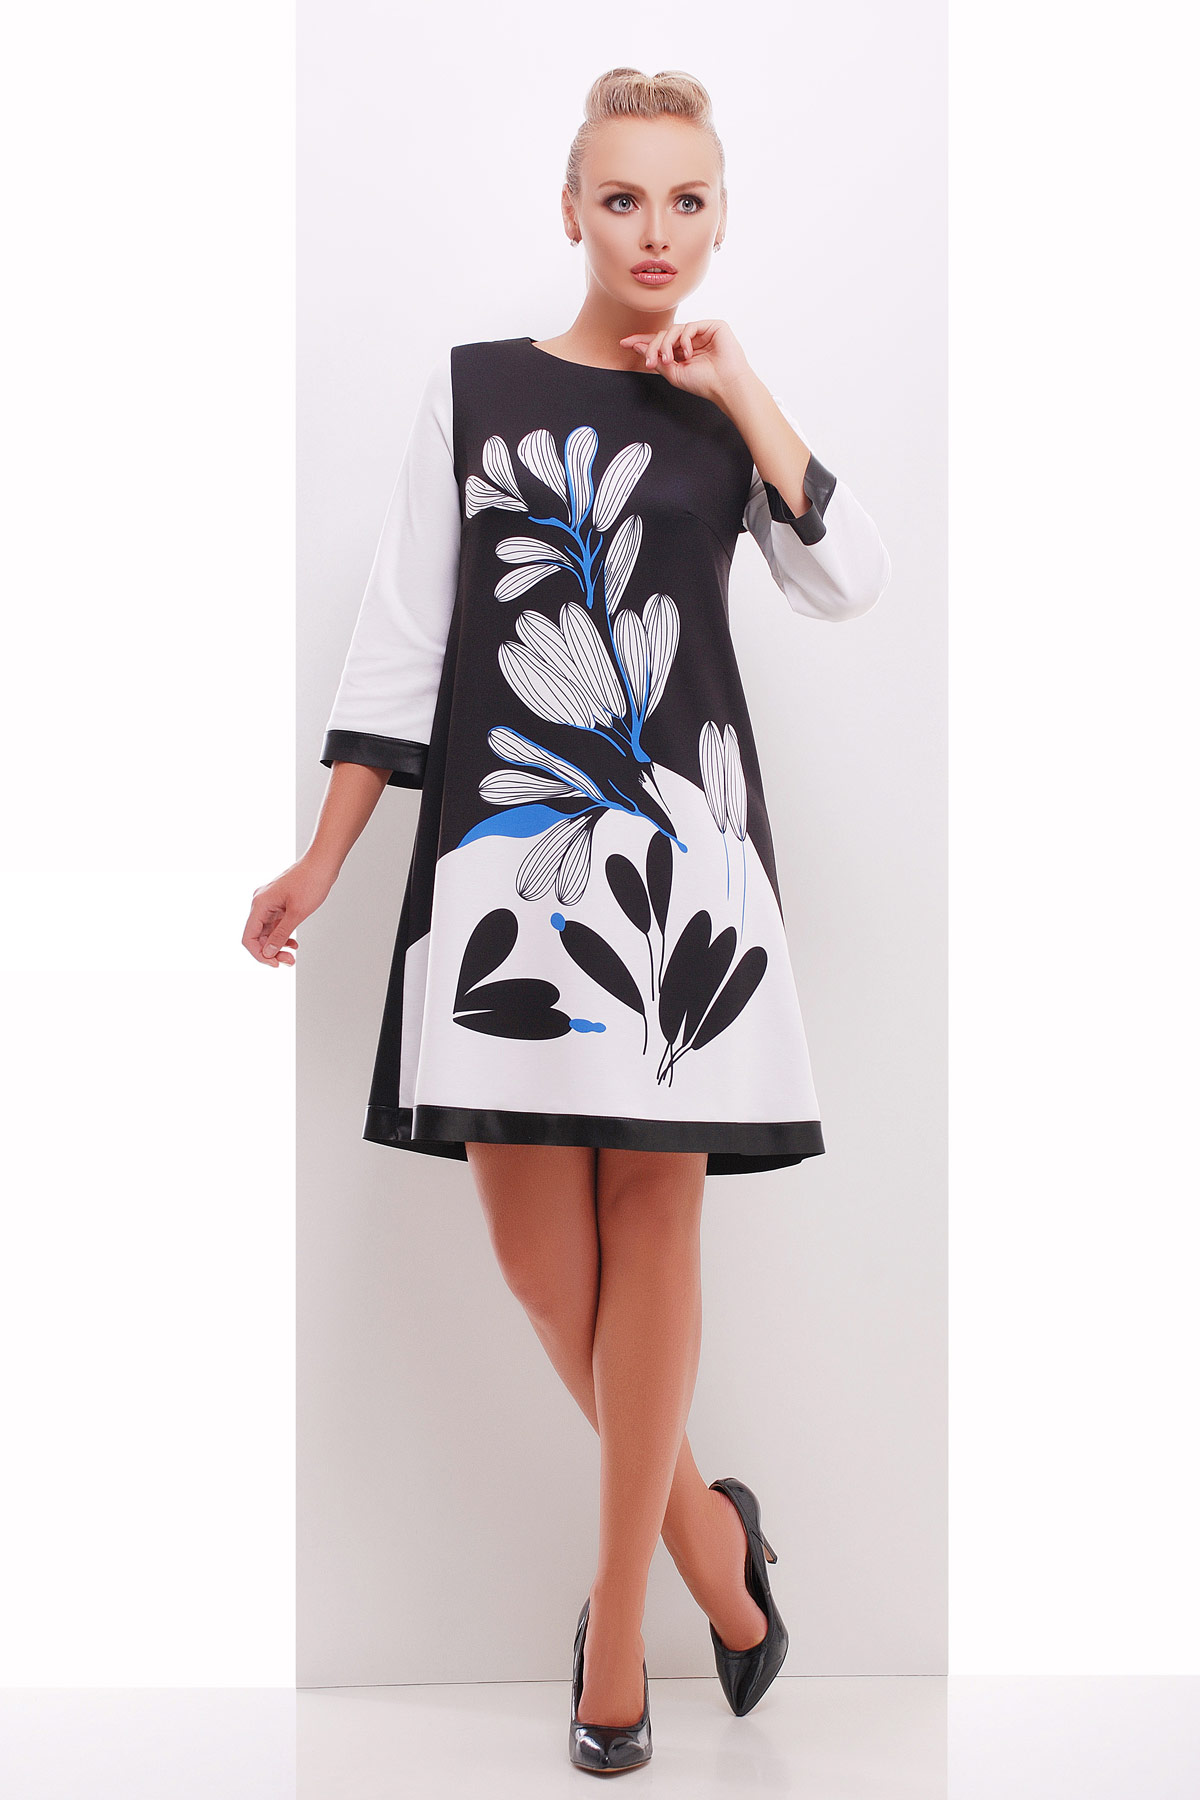 96ee35dd925 трикотажное платье трапеция. Белые лепестки платье Тая-2ФК д р. Цвет